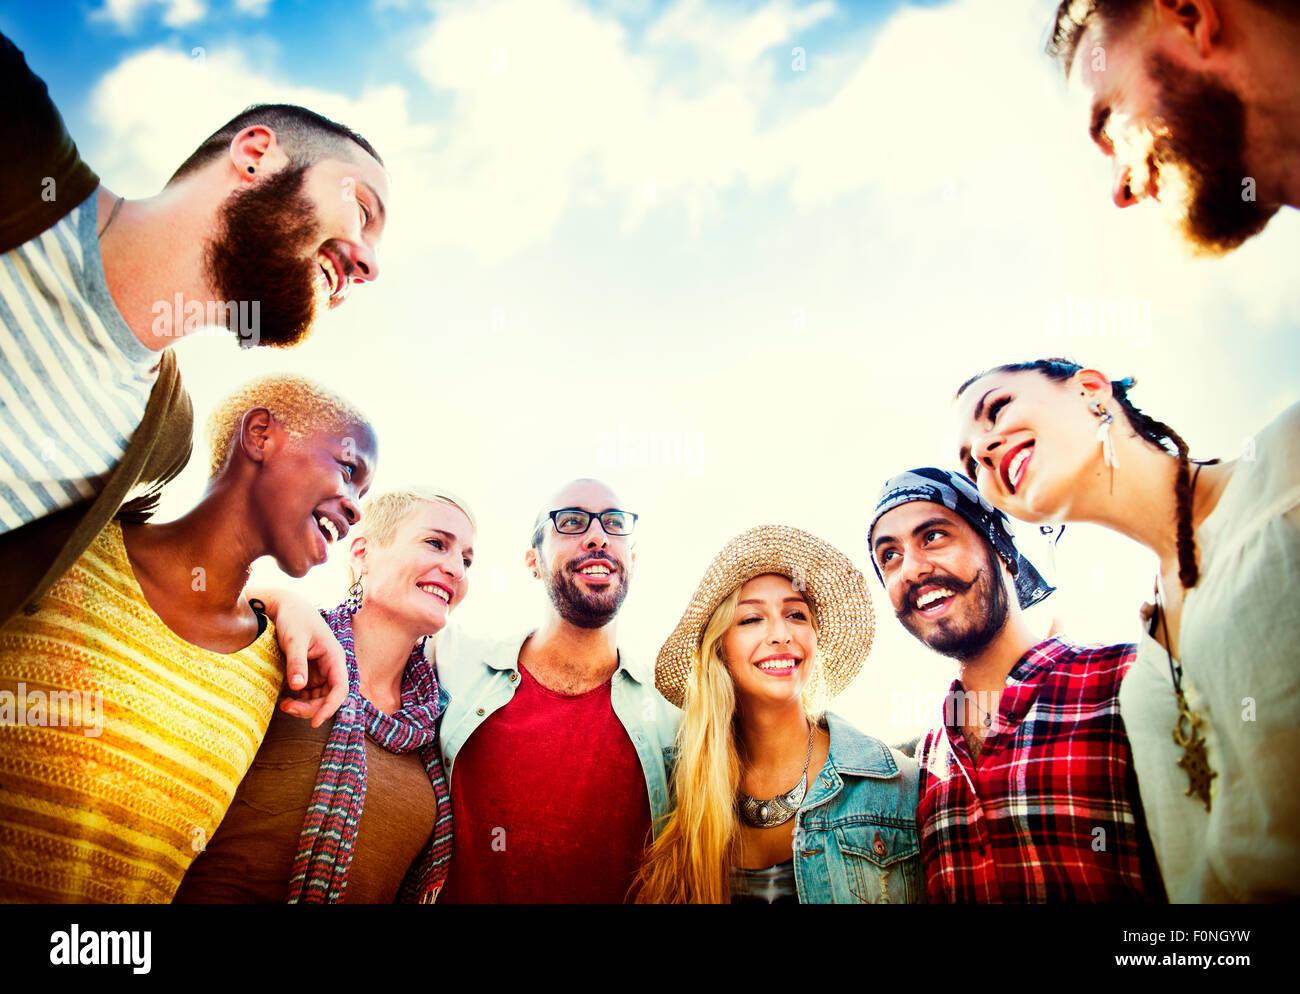 Amici amicizia piacere stare insieme il concetto di divertimento Immagini Stock